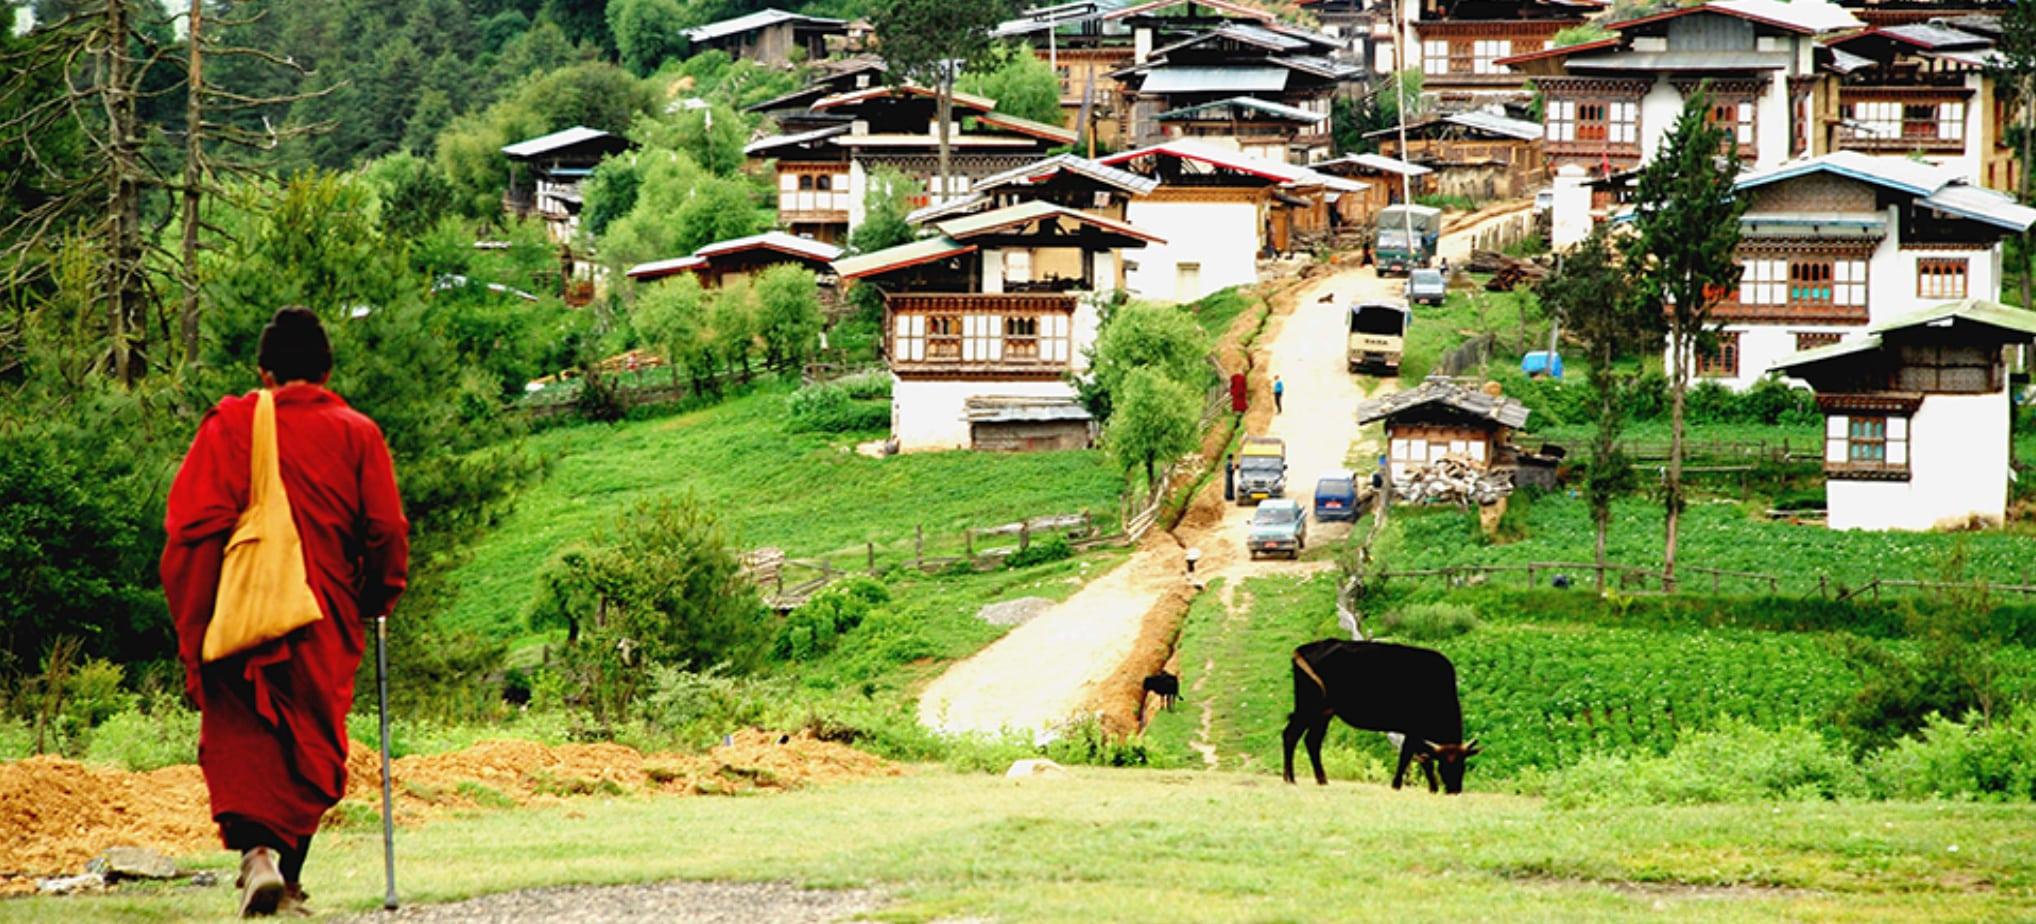 Mountain village in Bhutan